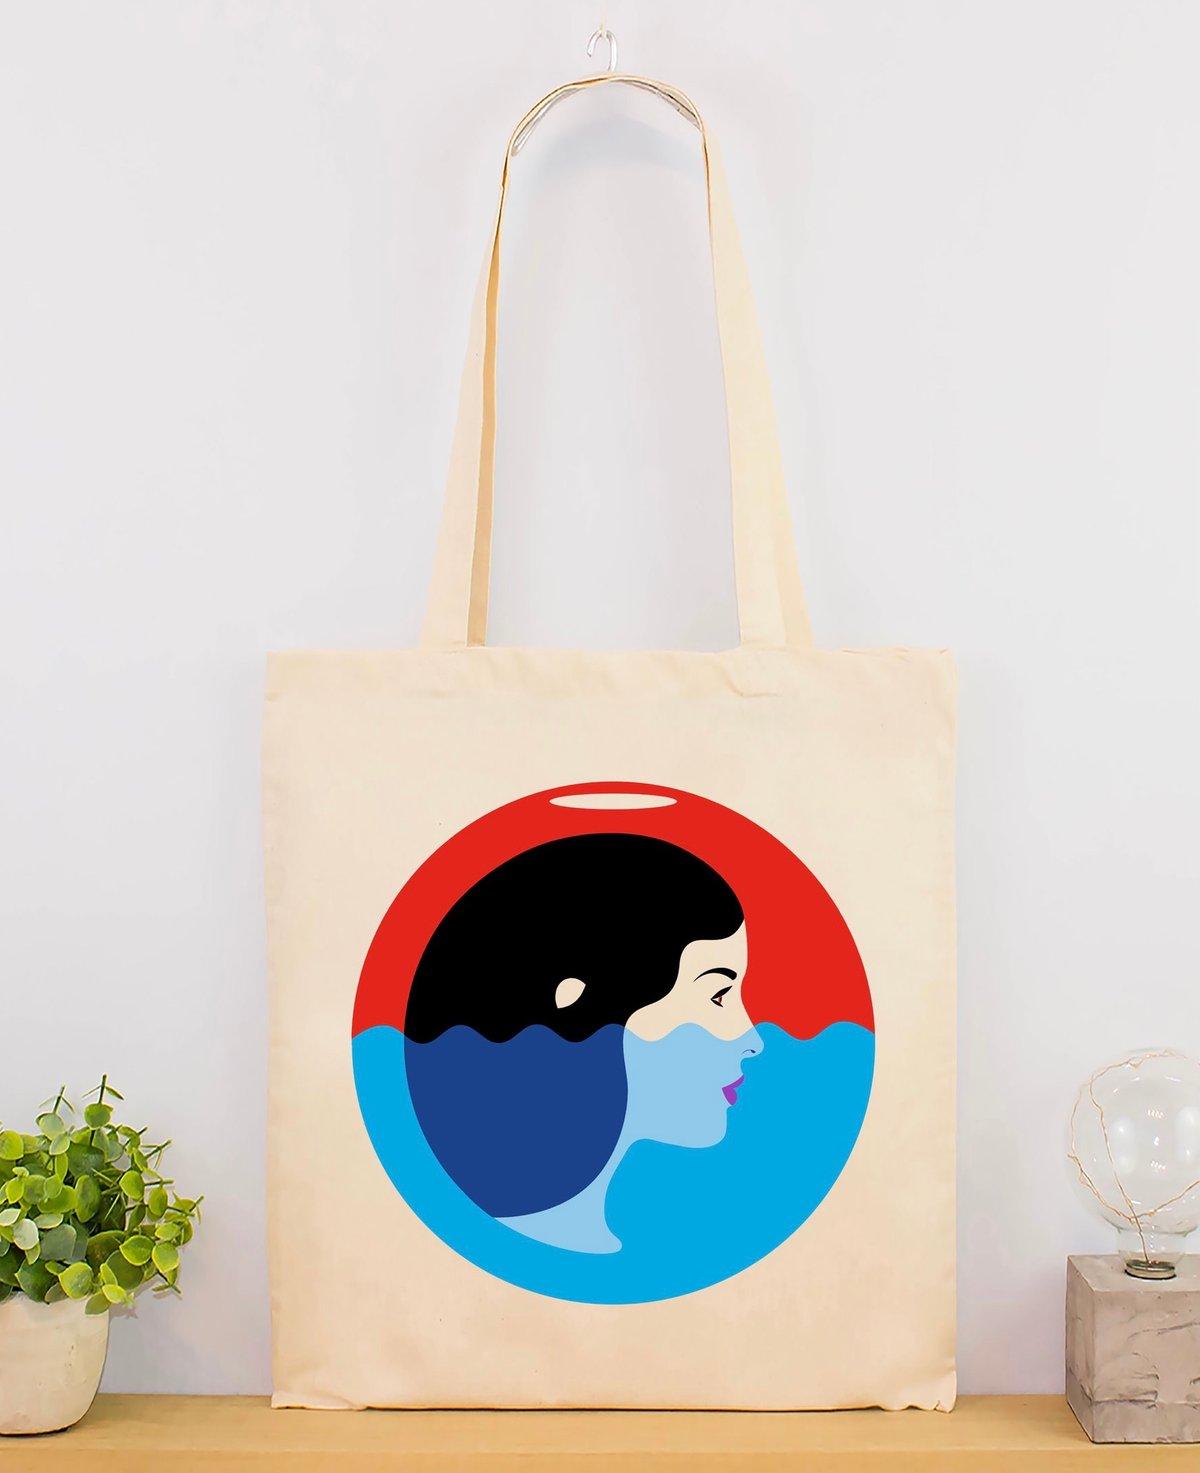 Image of Aquarius tote bag